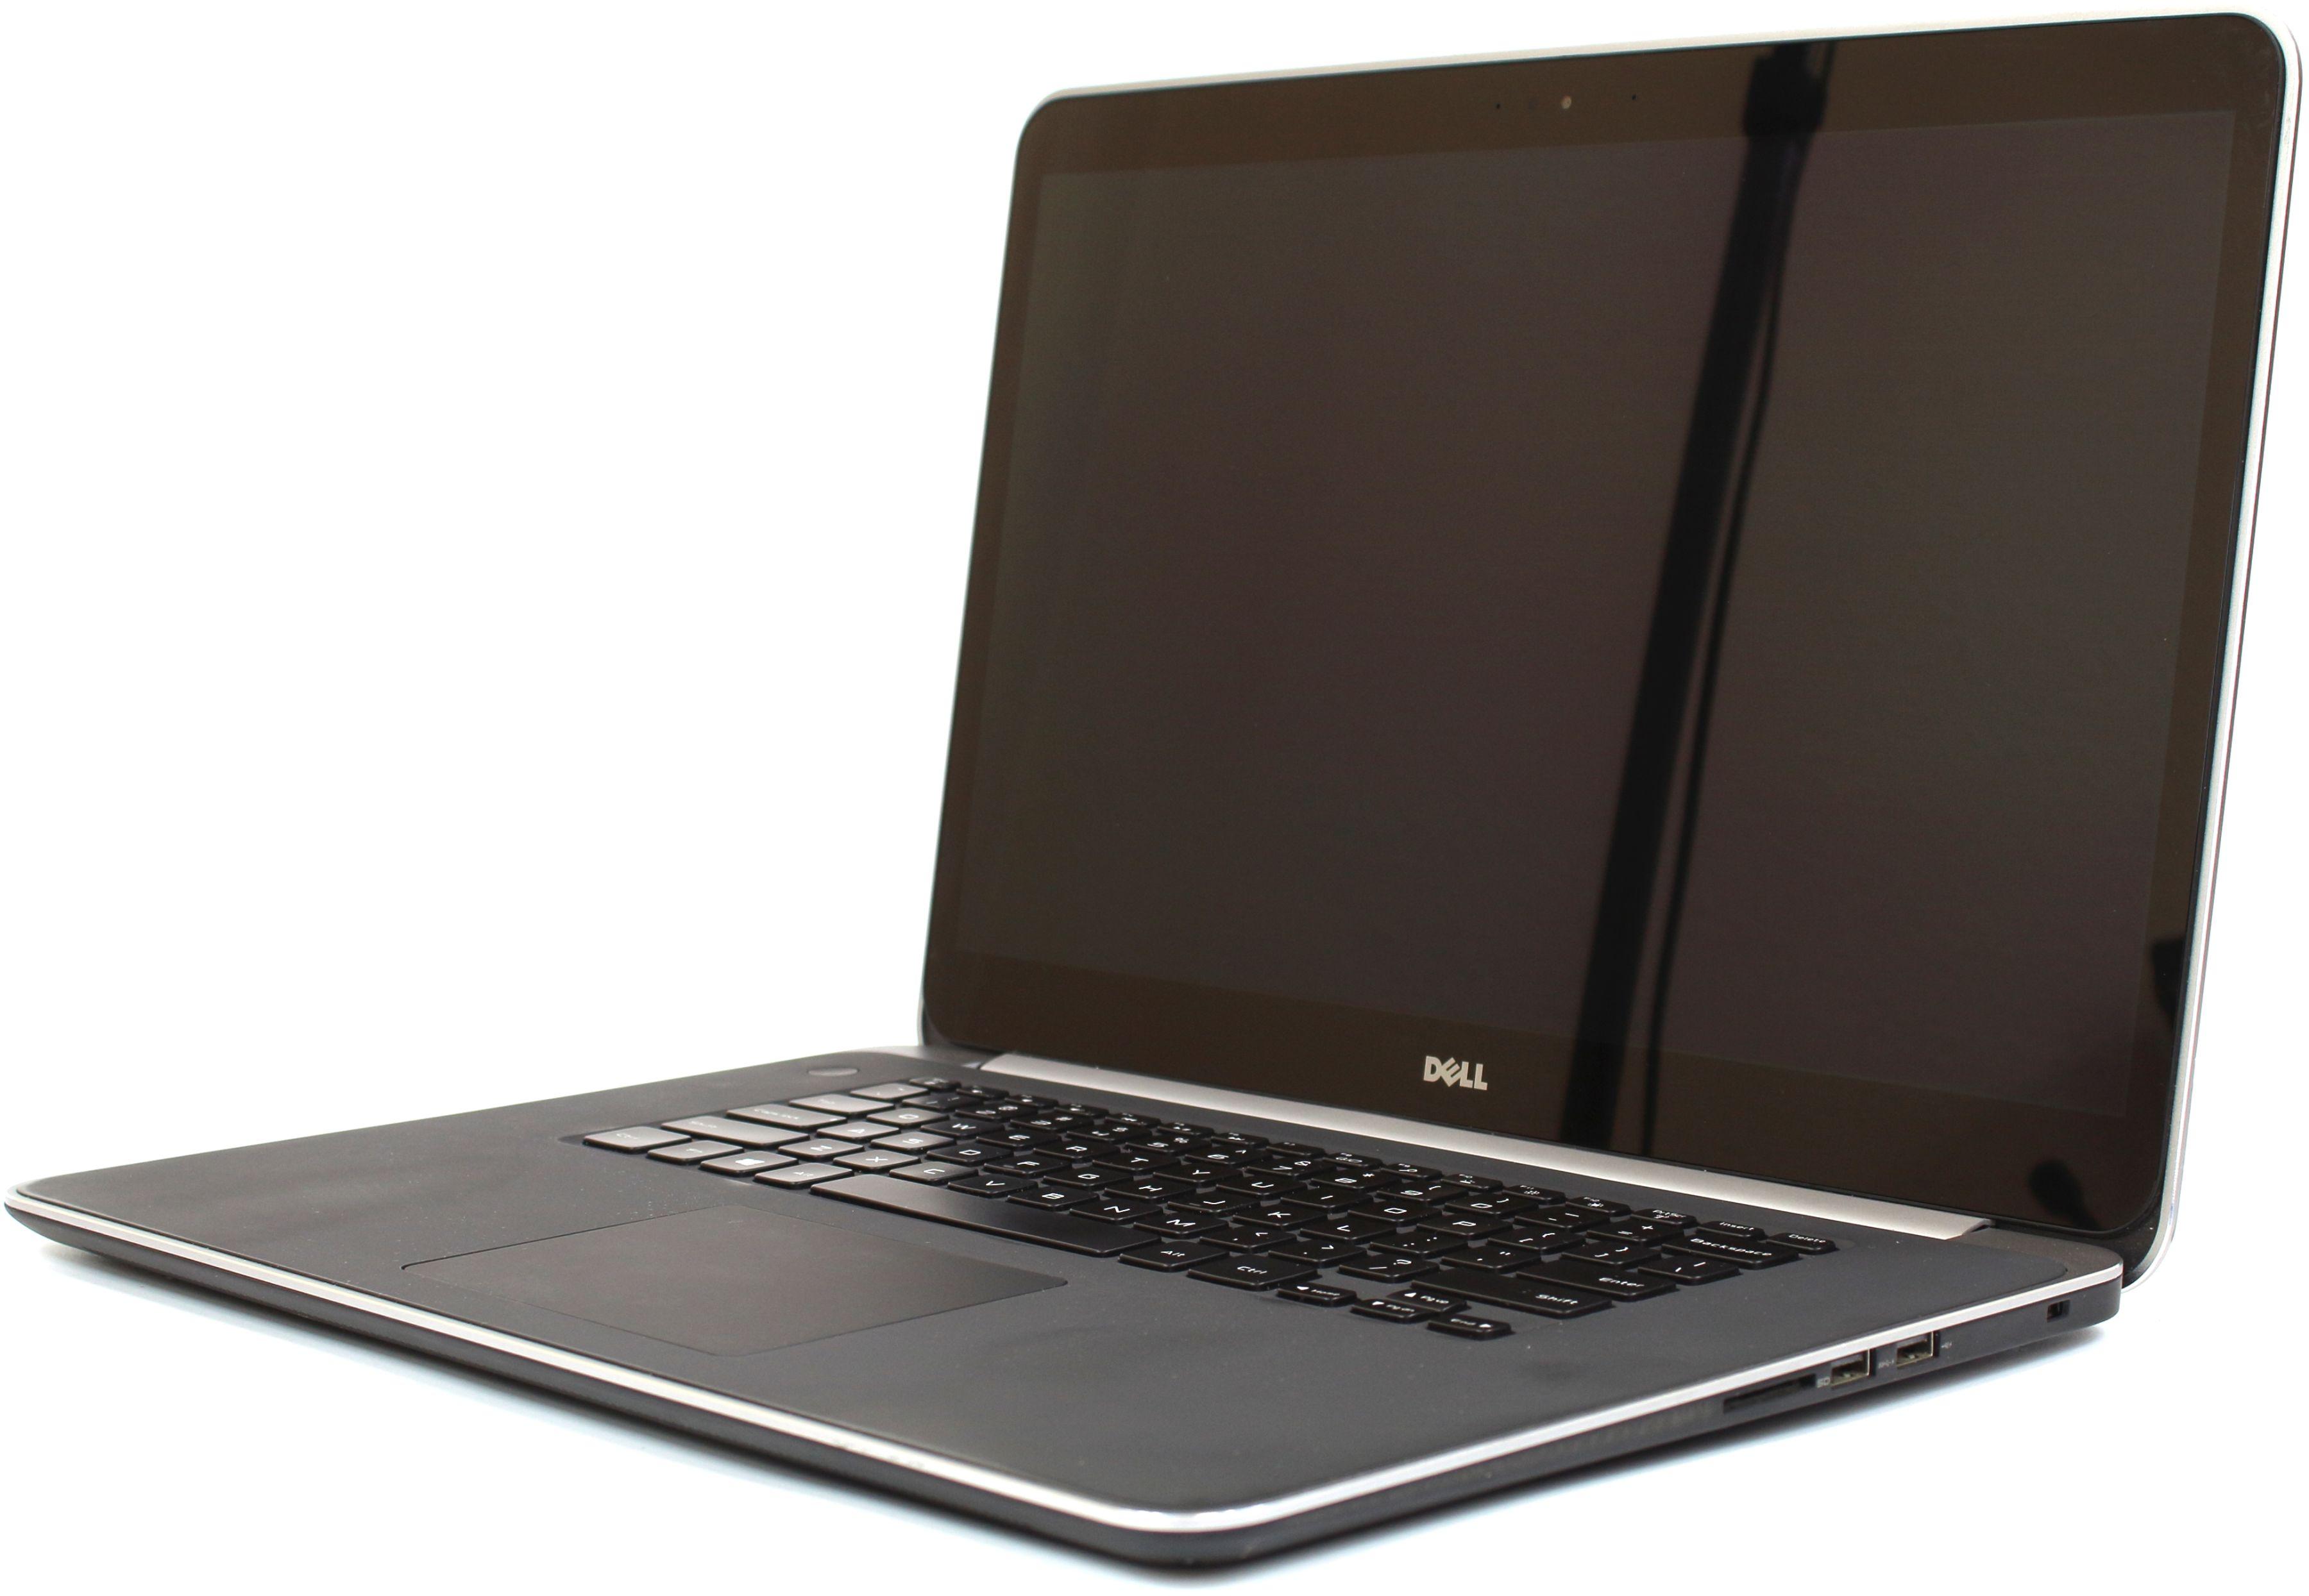 Dell Precision M3800 15.6'' 4K Dotykowa i7-4712HQ 8GB 240GB SSD nVidia Quadro K1100M Kamera Windows 7/8/10 Pro